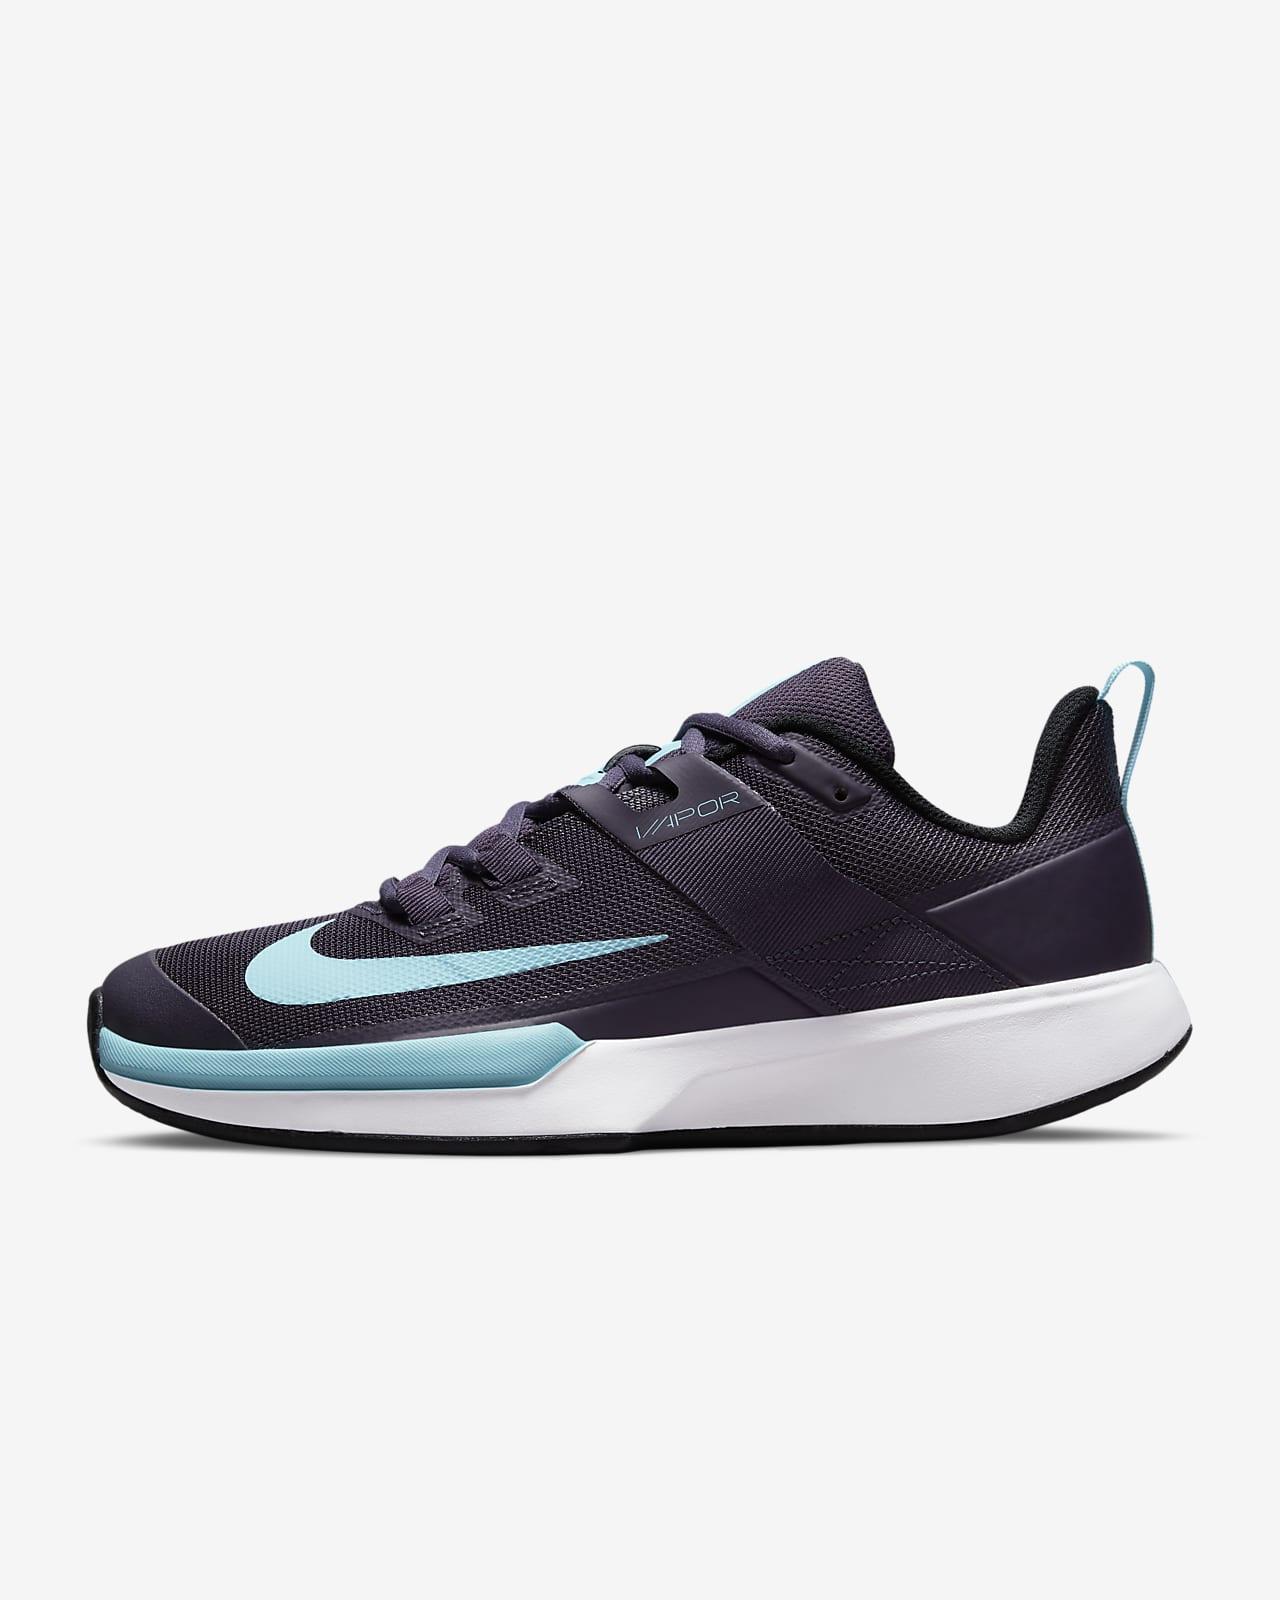 Sapatilhas de ténis para piso duro NikeCourt Vapor Lite para mulher